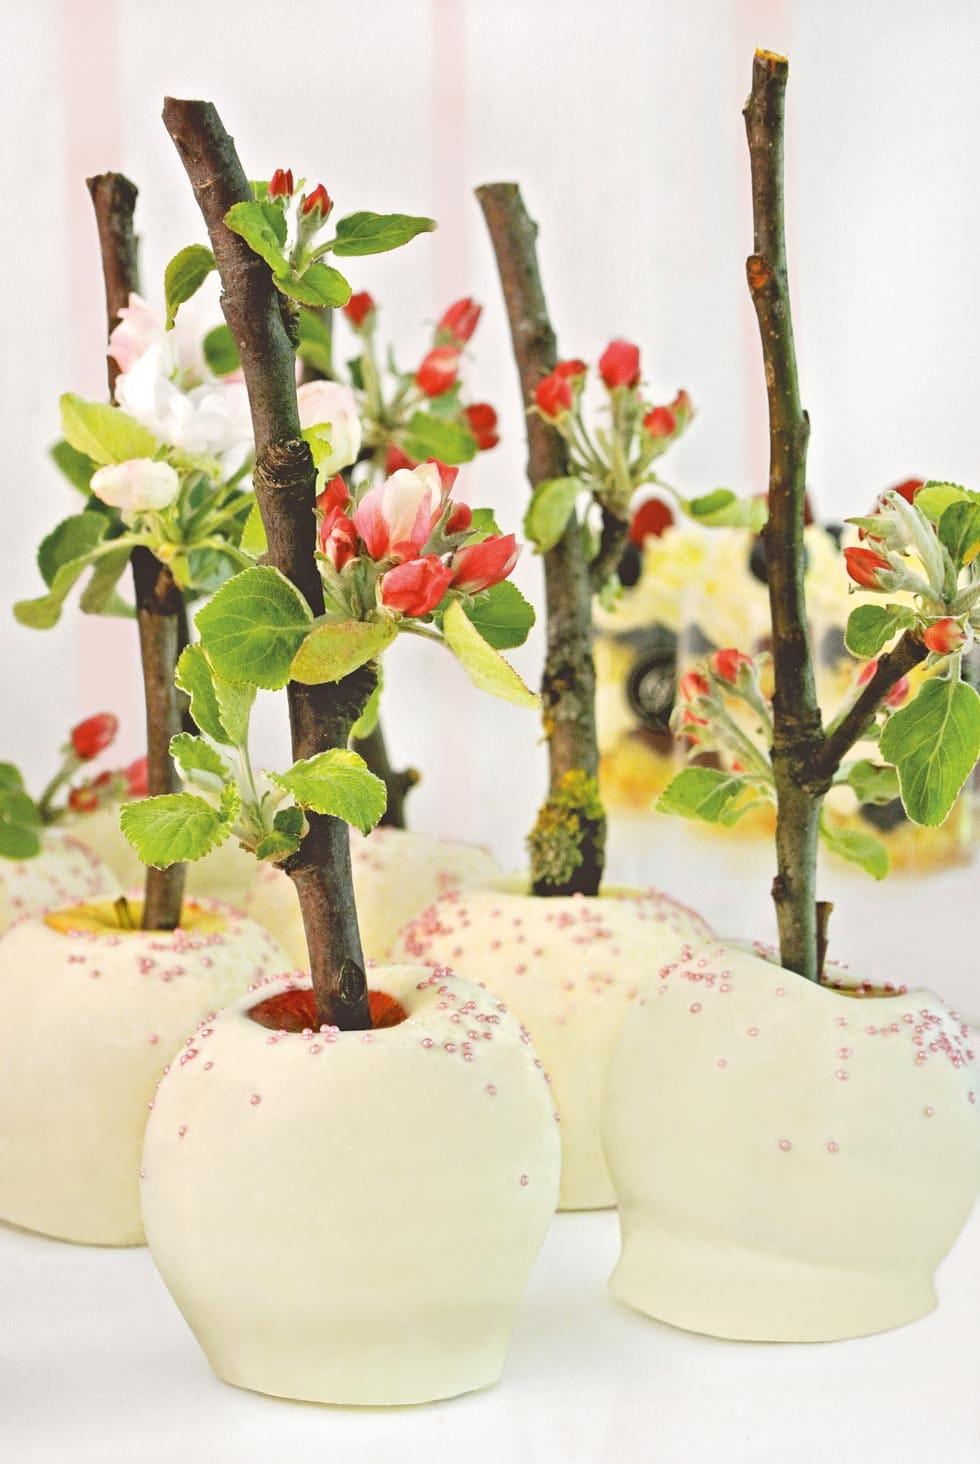 Liebesapfel mit Zweigen